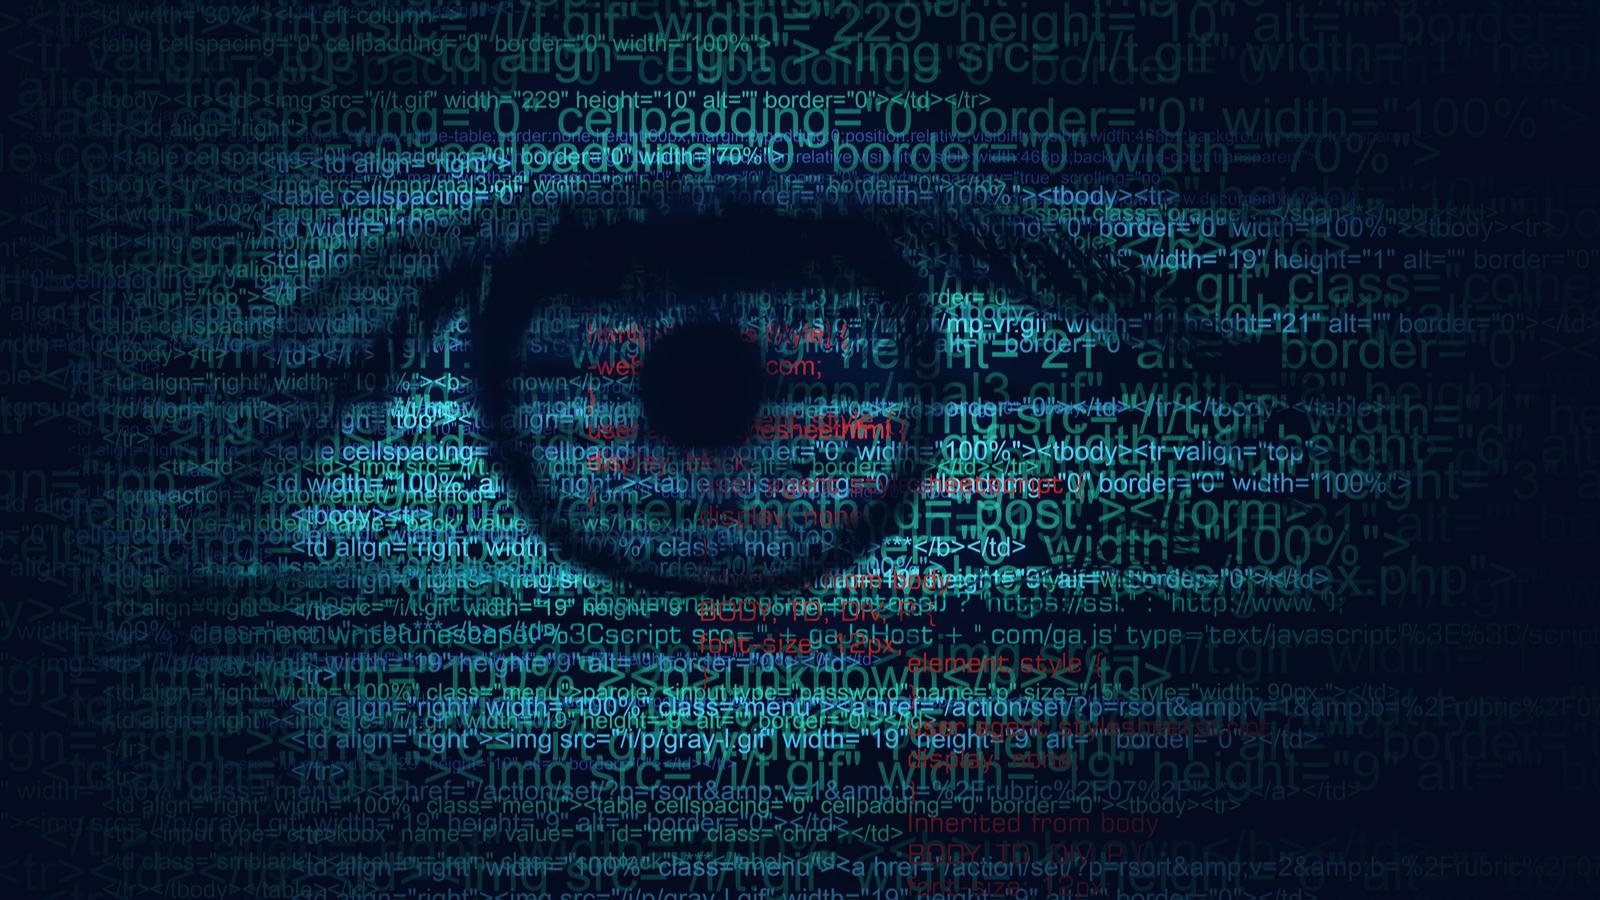 Via une entreprise de chiffrement, USA et Allemagne ont espionné des dizaines de pays pendant des dizaines d'années